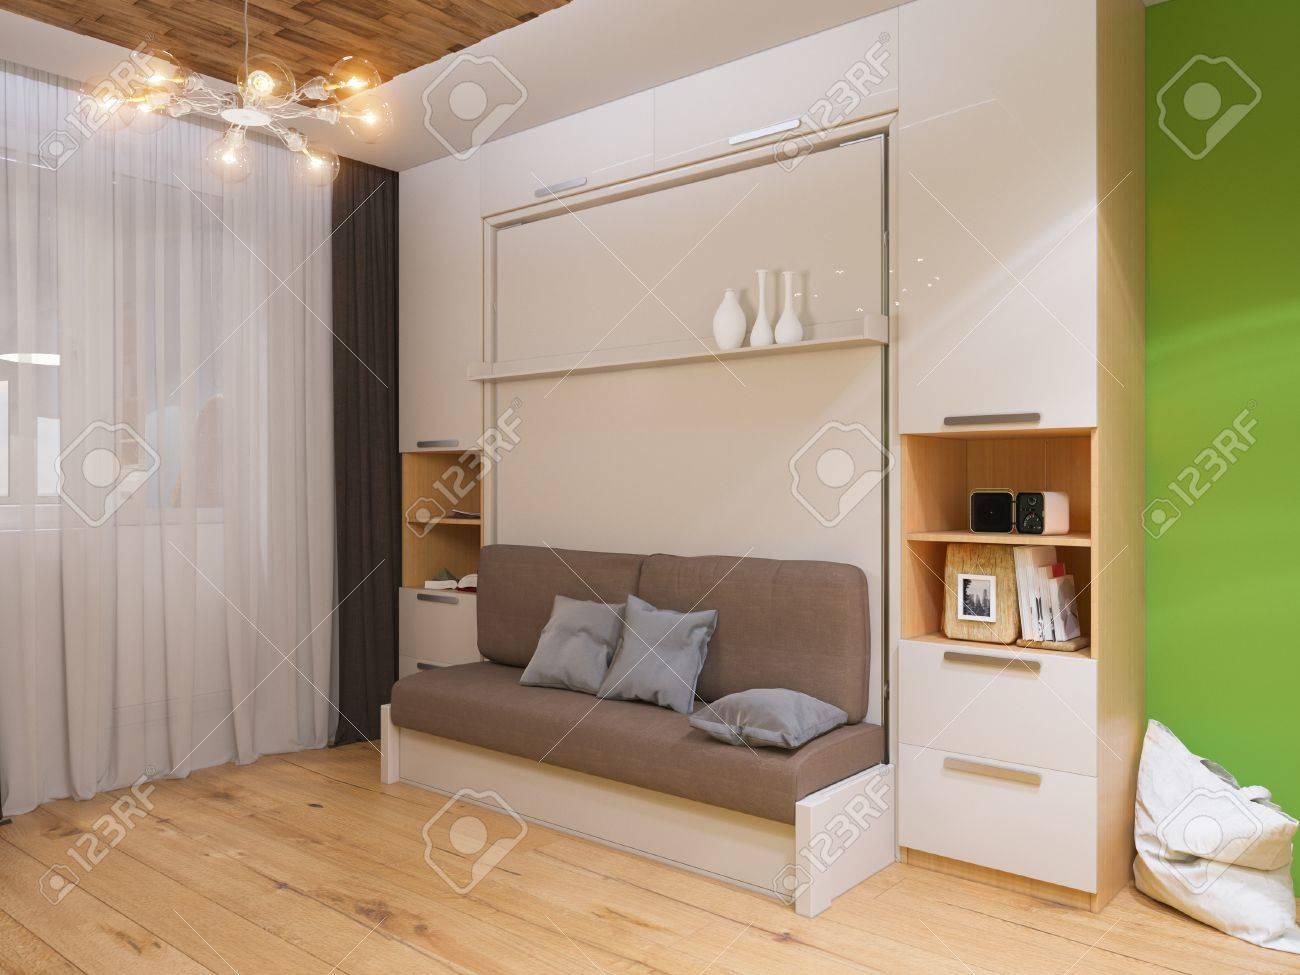 Armadio Con Letto.3d Illustrazione Di Interior Design Soggiorno Con Letto Armadio Interni E Realizzato In Stile Moderno E Minimalista